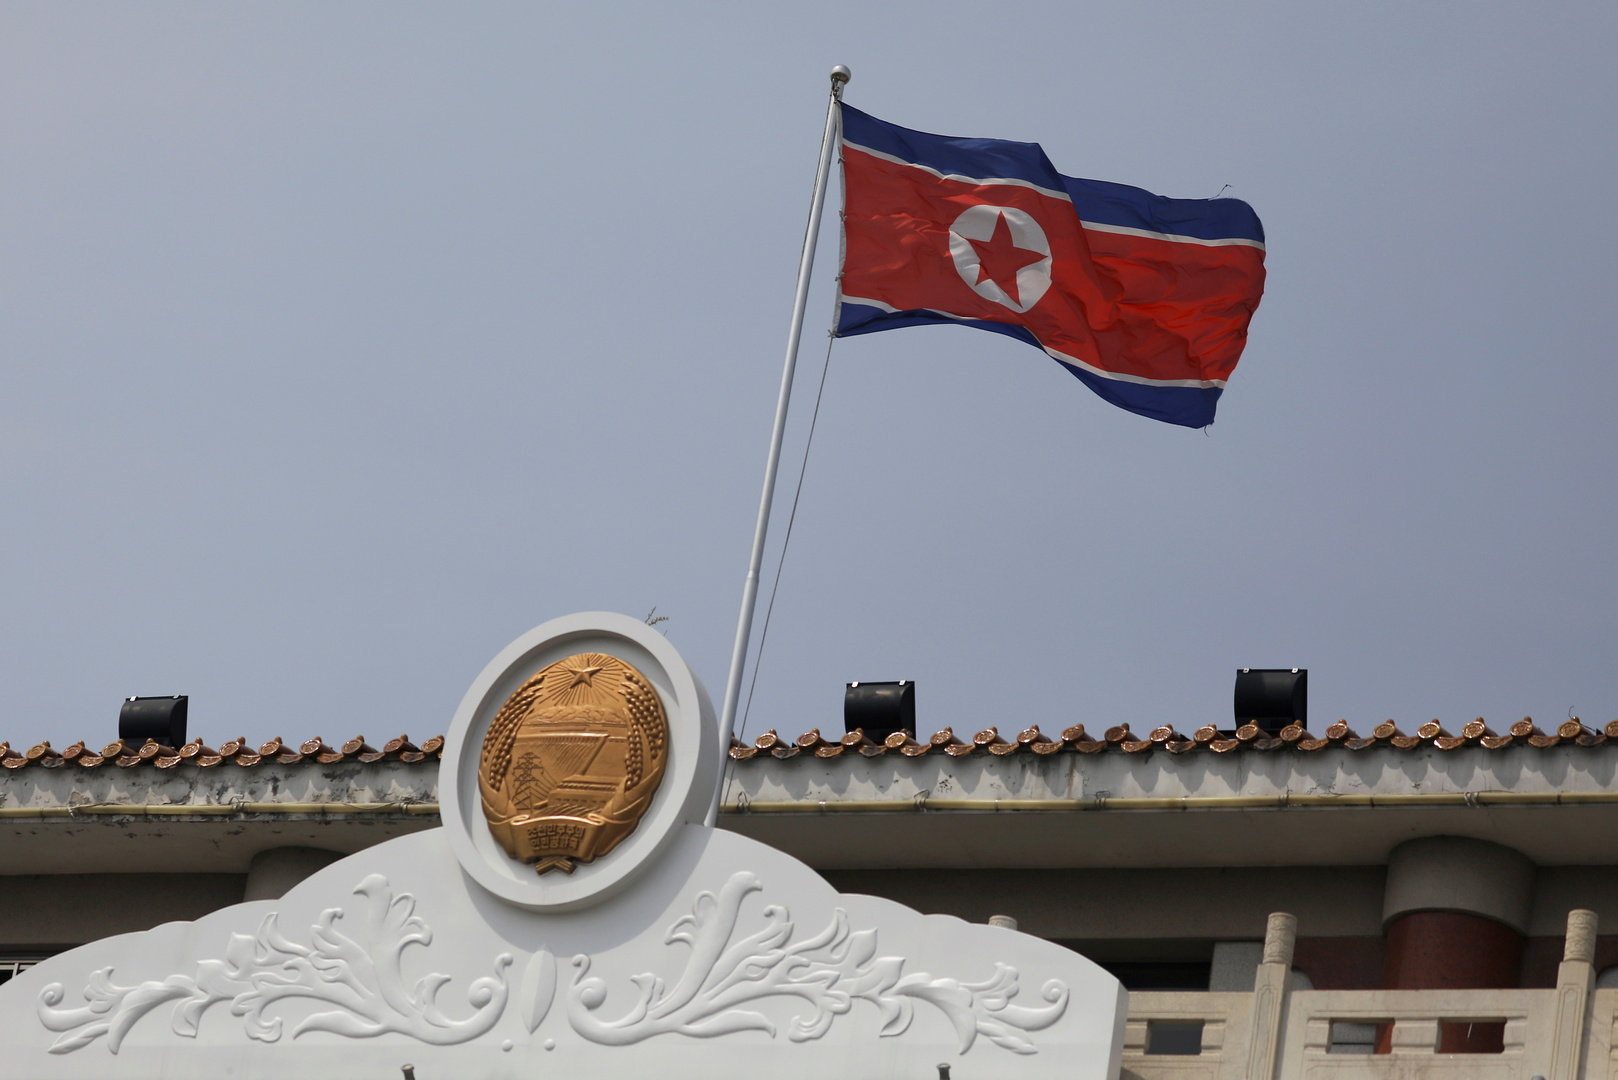 وكالة الطاقة الذرية ترصد مؤشرات على أنشطة نووية في كوريا الشمالية